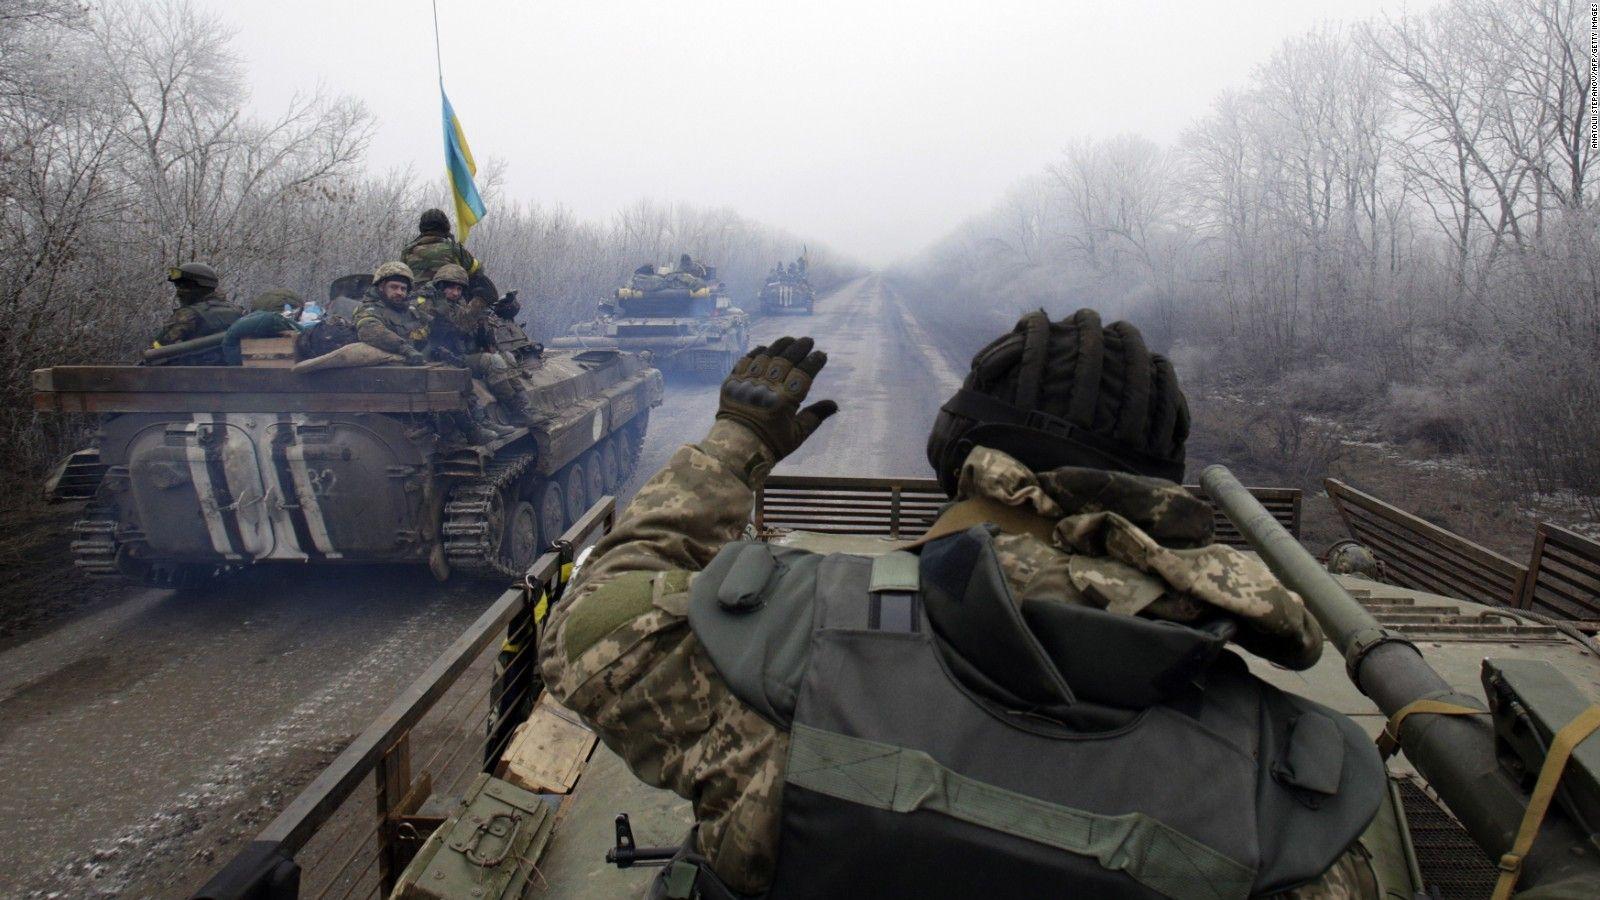 Could U.N. peacekeepers help end the war in Ukraine?